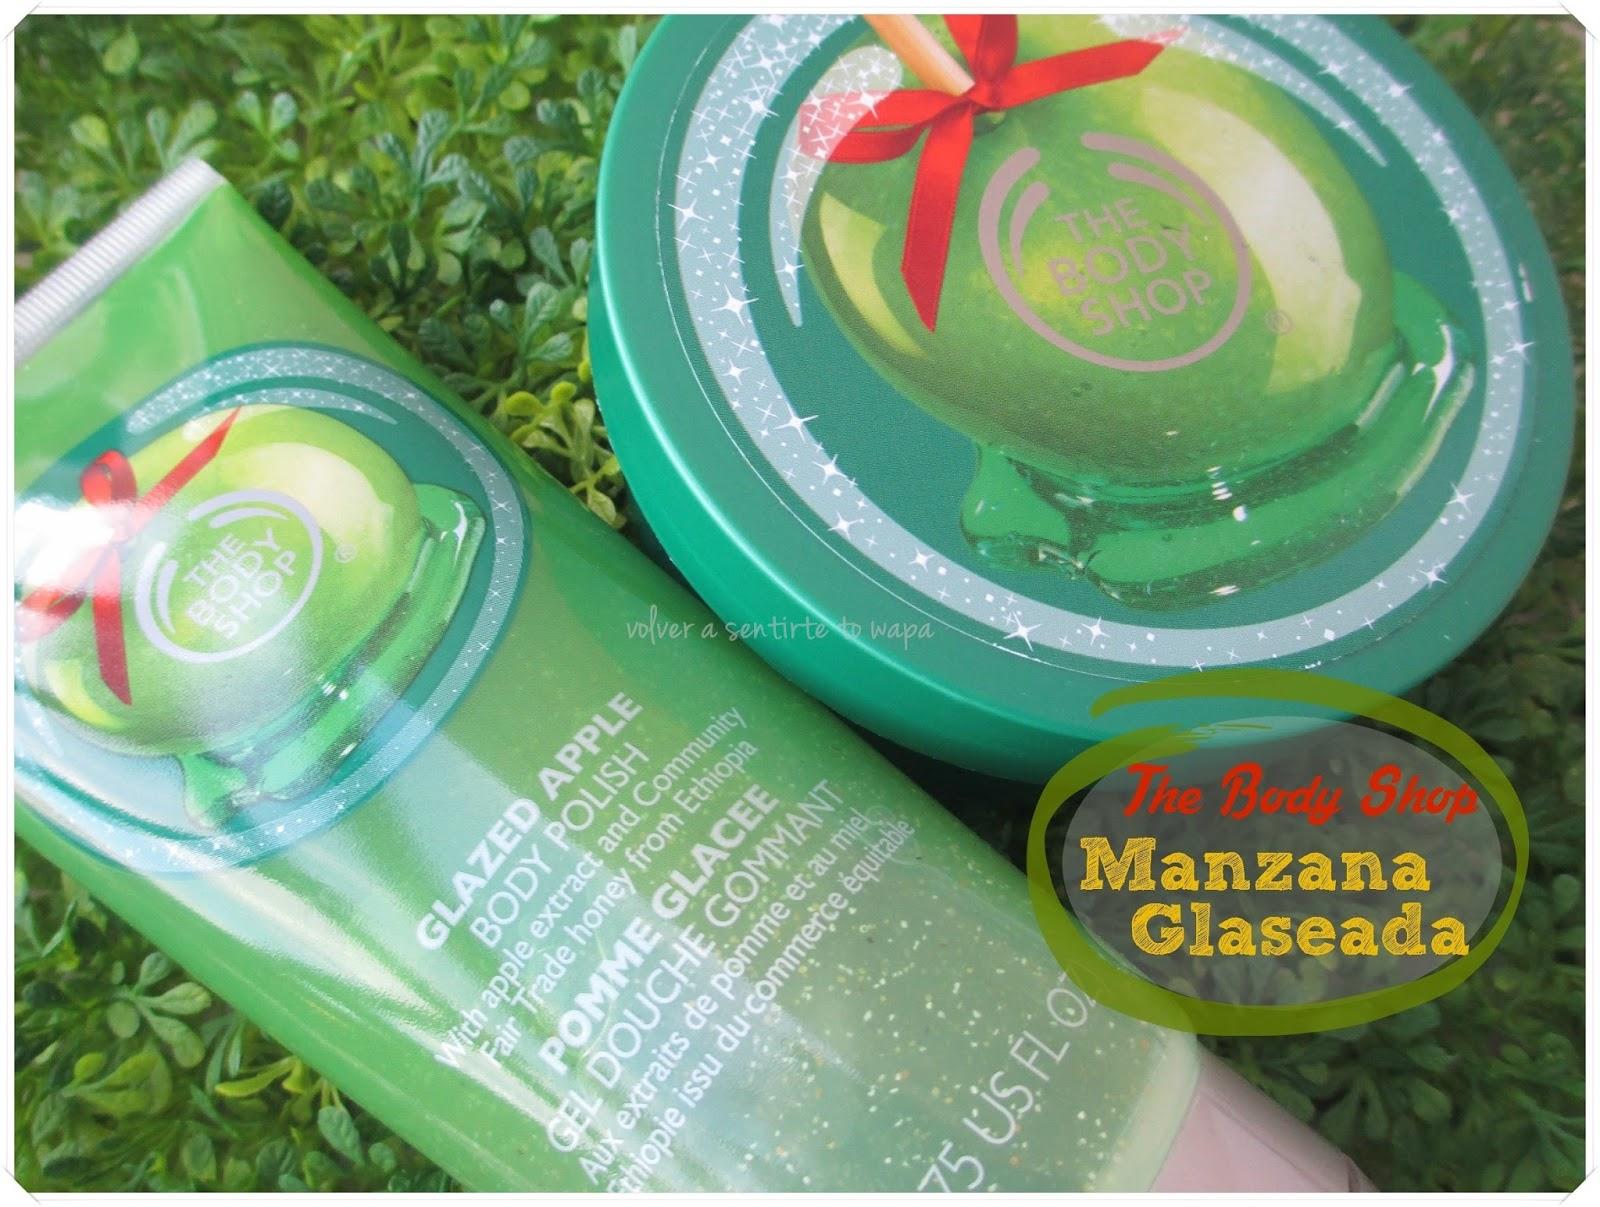 Manzana Glaseada de The Body Shop - Exfoliante y Manteca Corporal {Navidad}